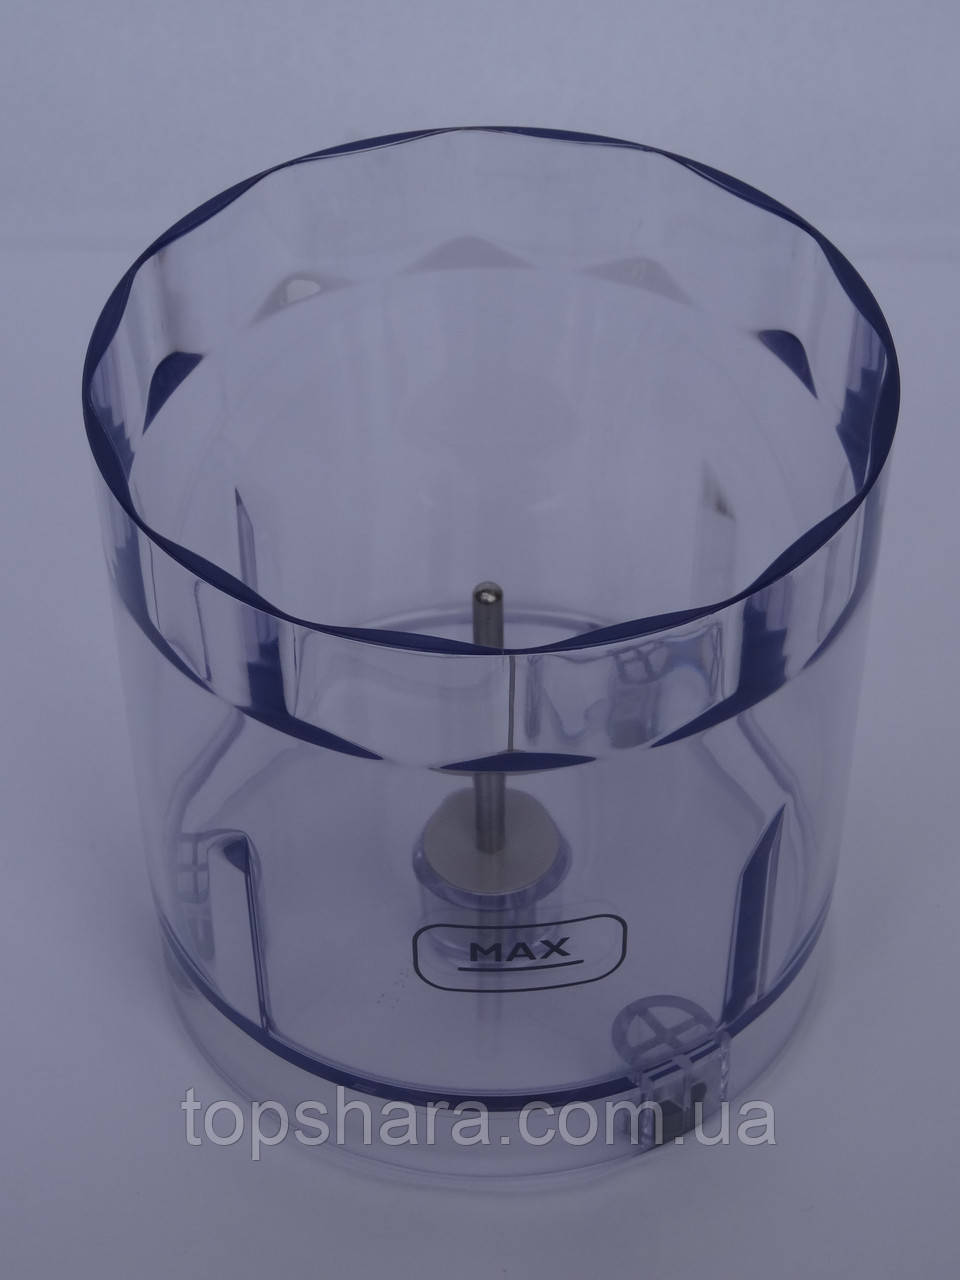 Чаша измельчителя блендера Philips 400 мл HR1363 HR1607 HR1372 HR1645 HR1364 HR1673 HR1676 HR1679 HR1633